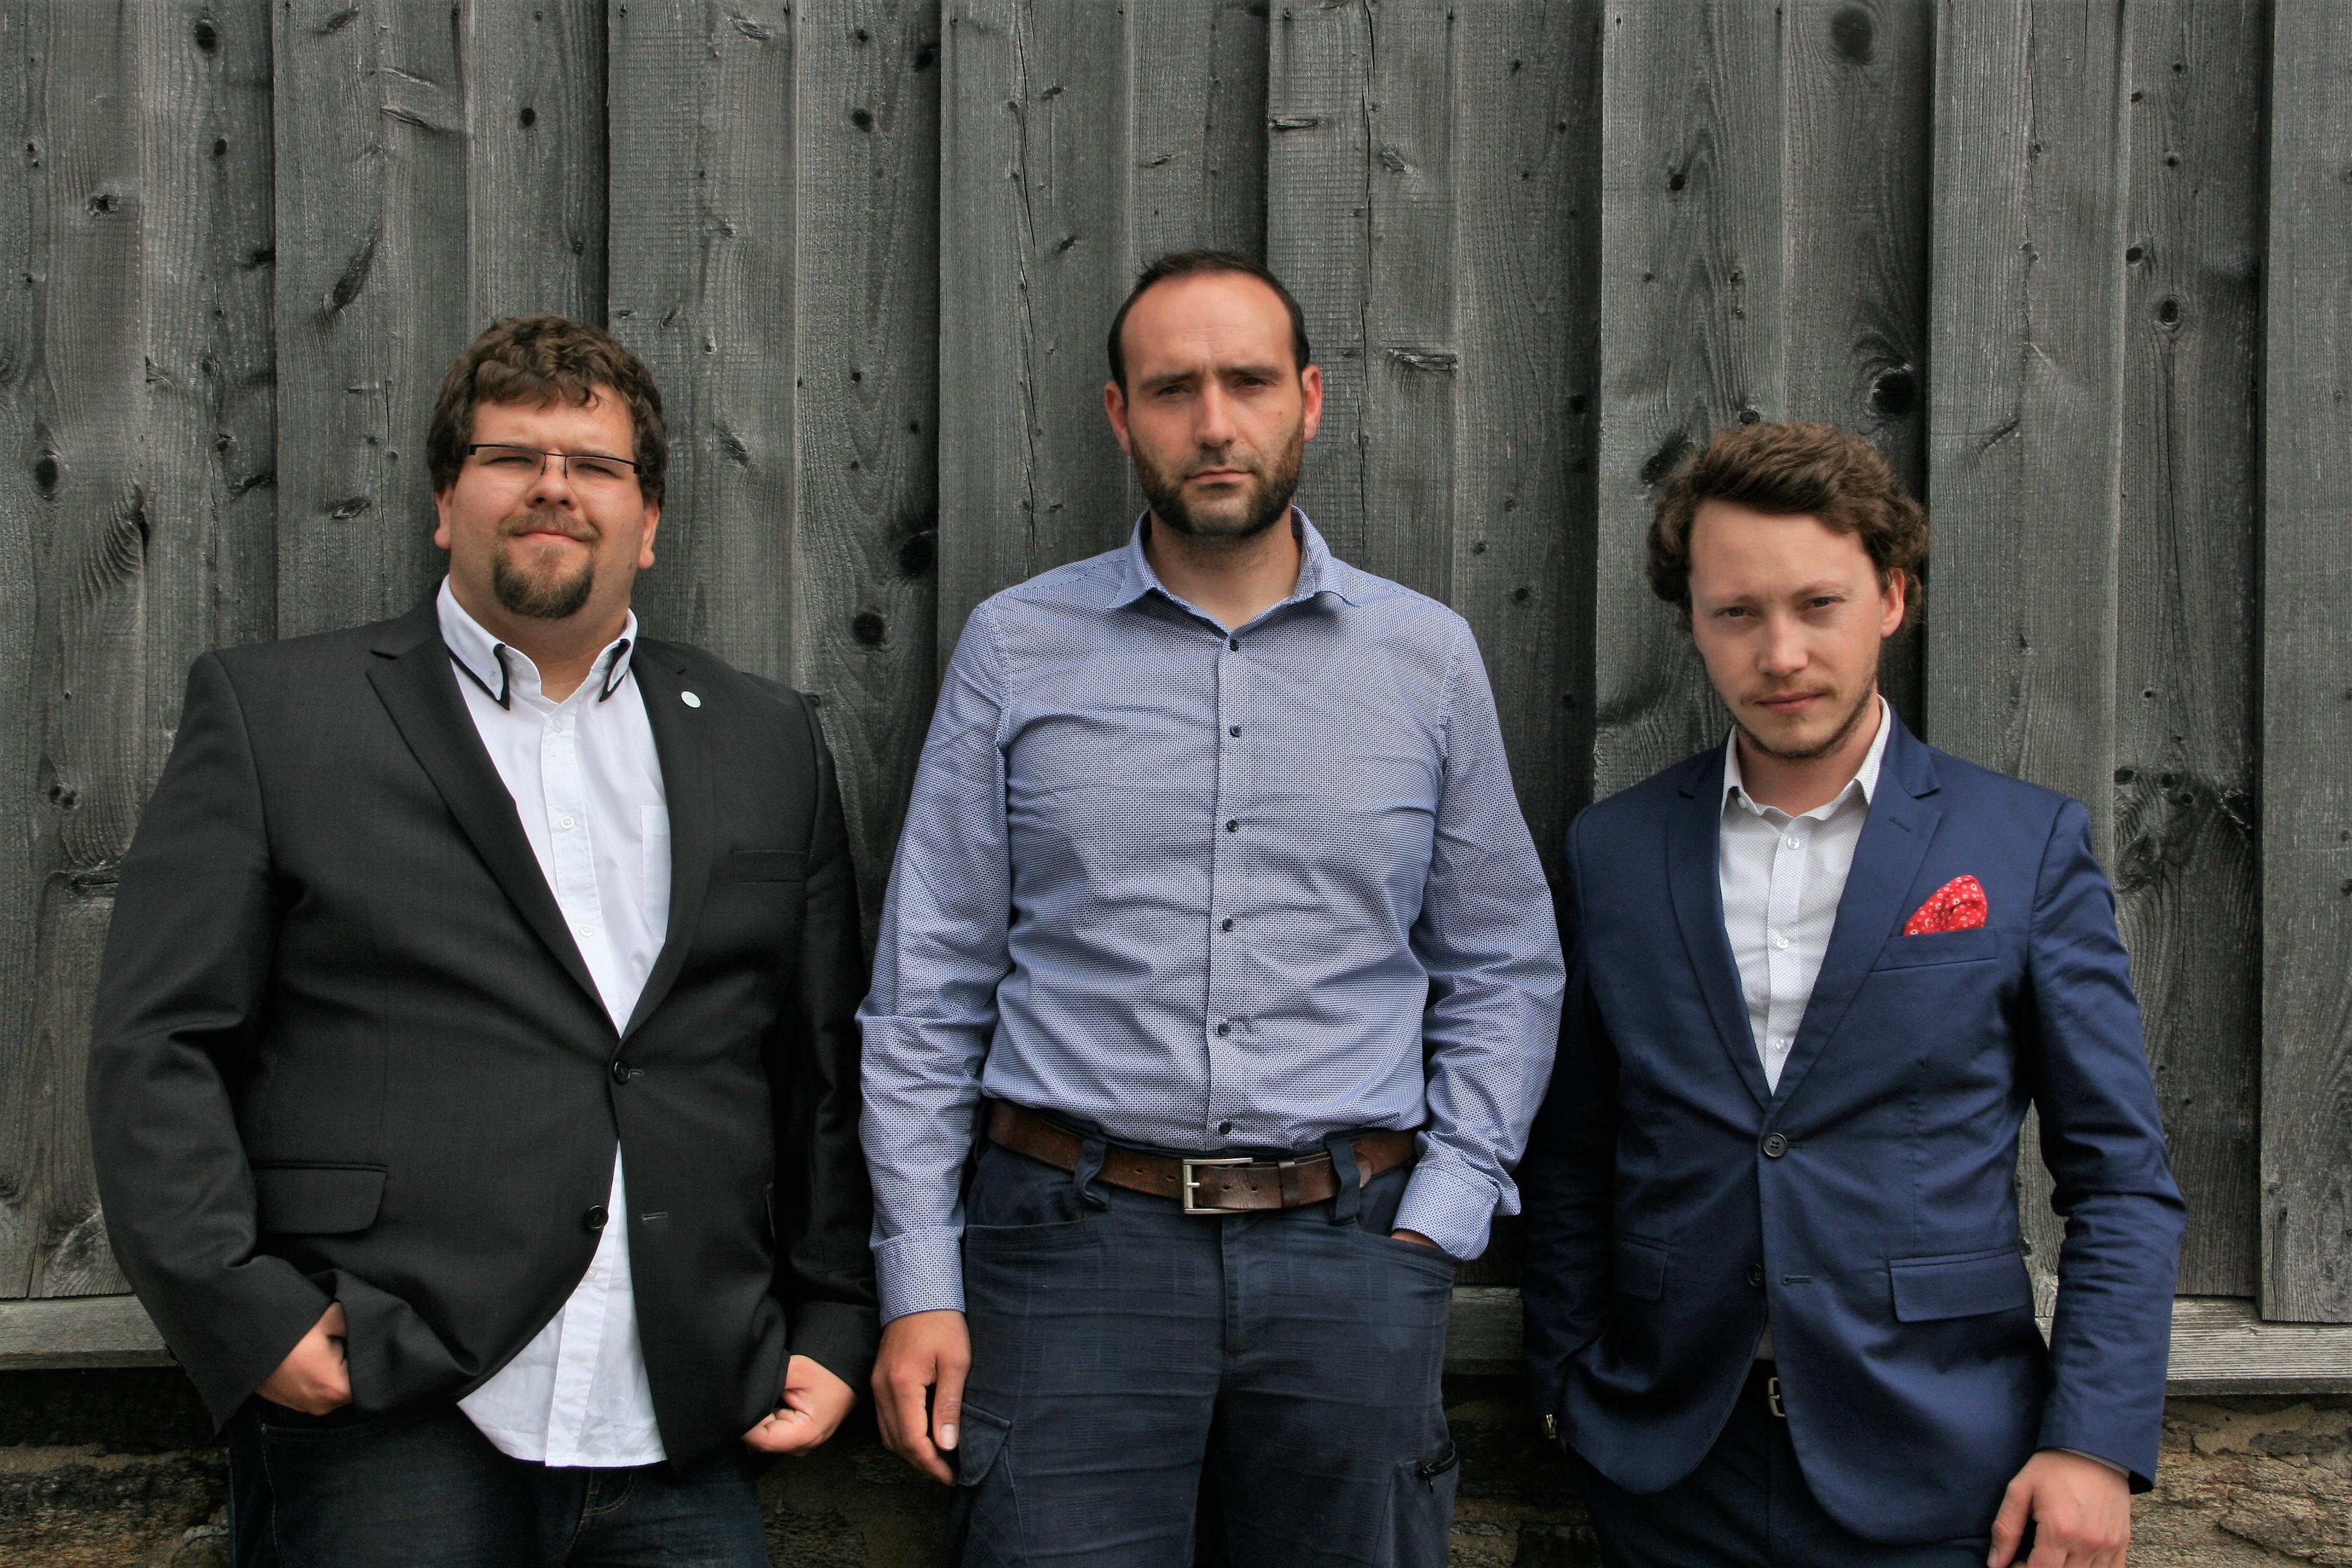 Das EXIST-Team (v.l.n.r: Tobias Prüfer, Sanny Reich, Marwin Gaube)